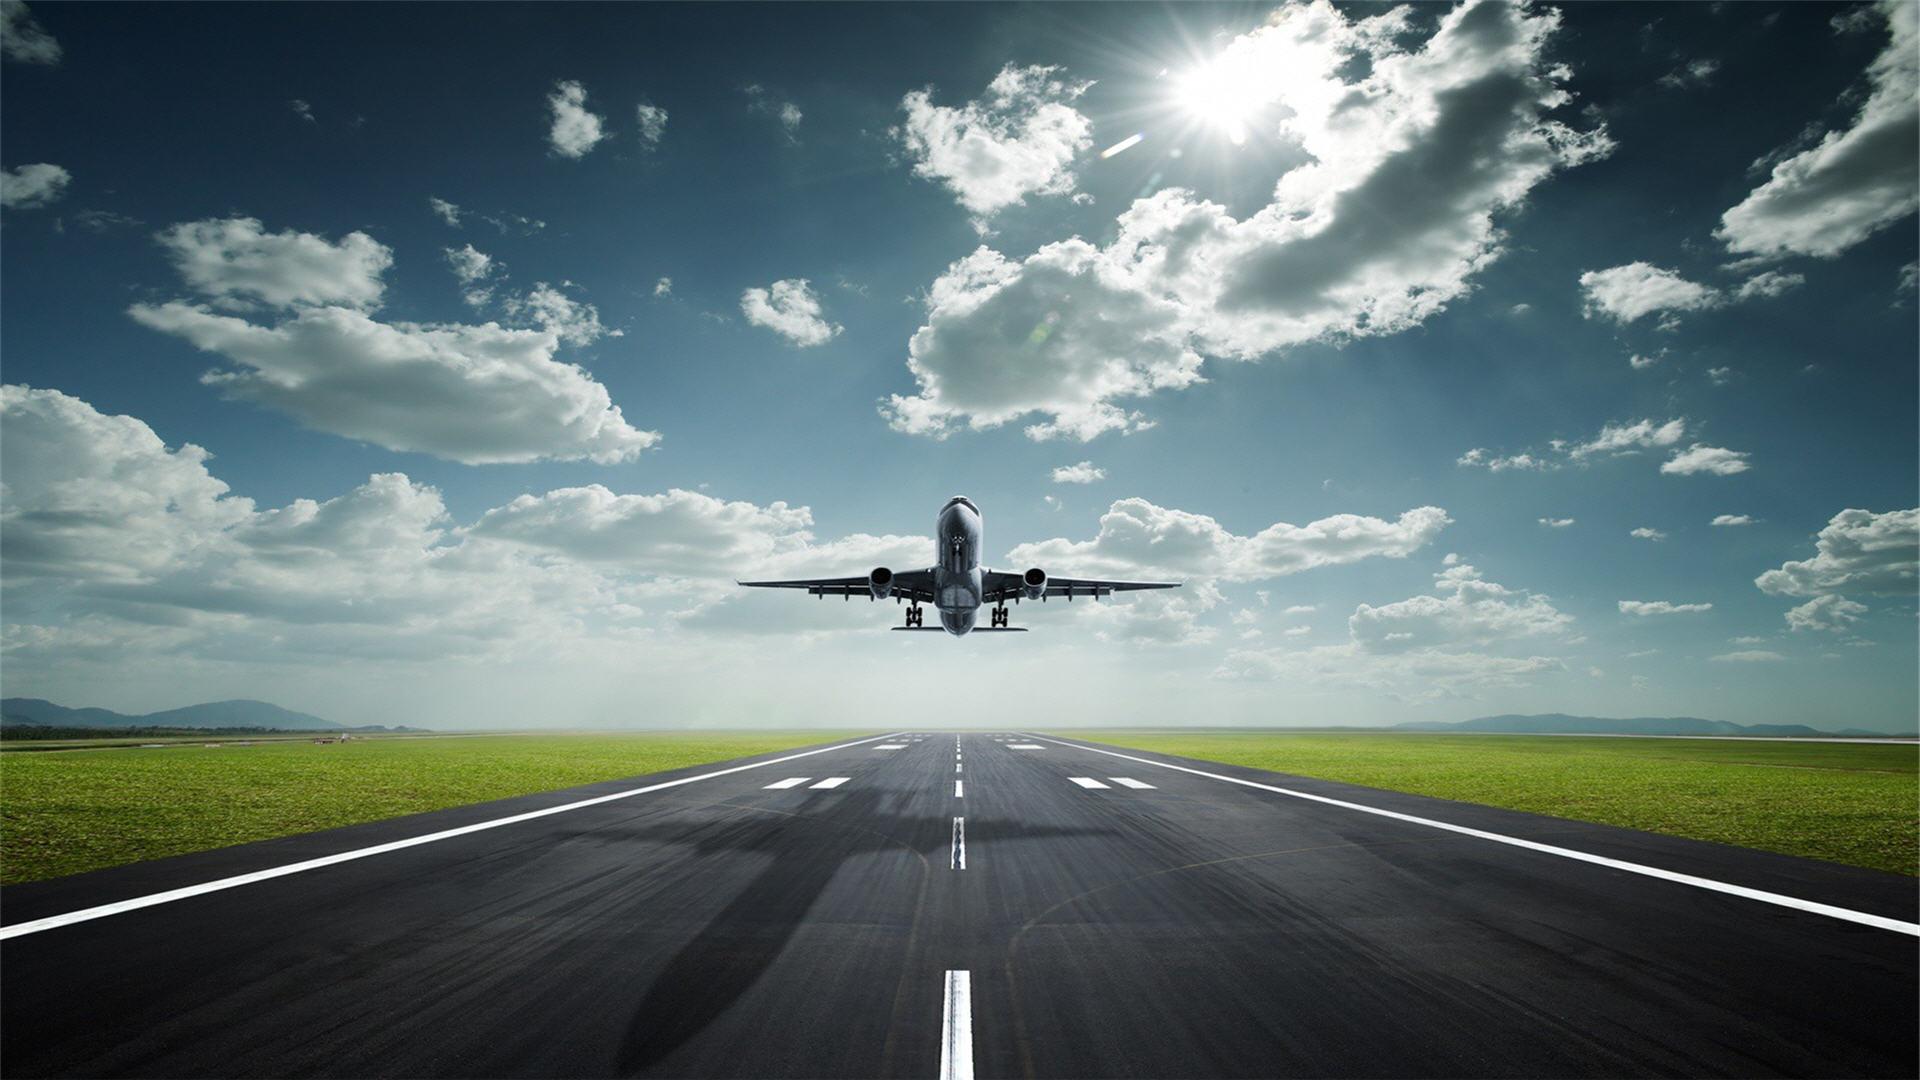 Քննարկվել են Հայաստանում մրցունակ ավիափոխադրումների ծառայությունների ապահովմանն առնչվող հարցեր